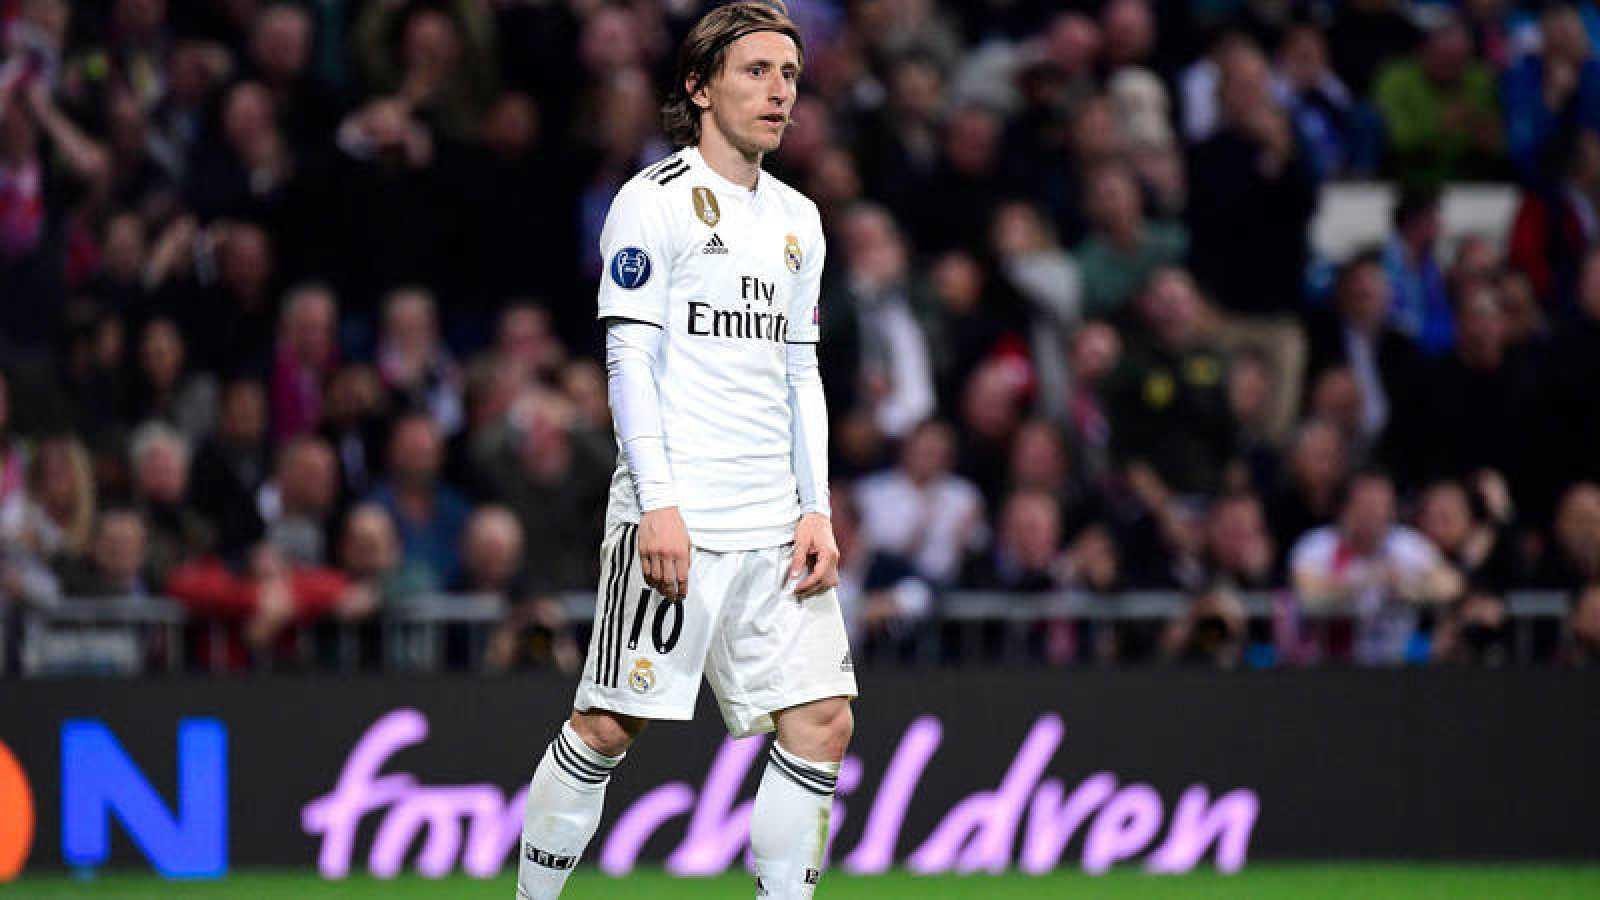 ca4a3aaa1 El Real Madrid tira la temporada en una semana